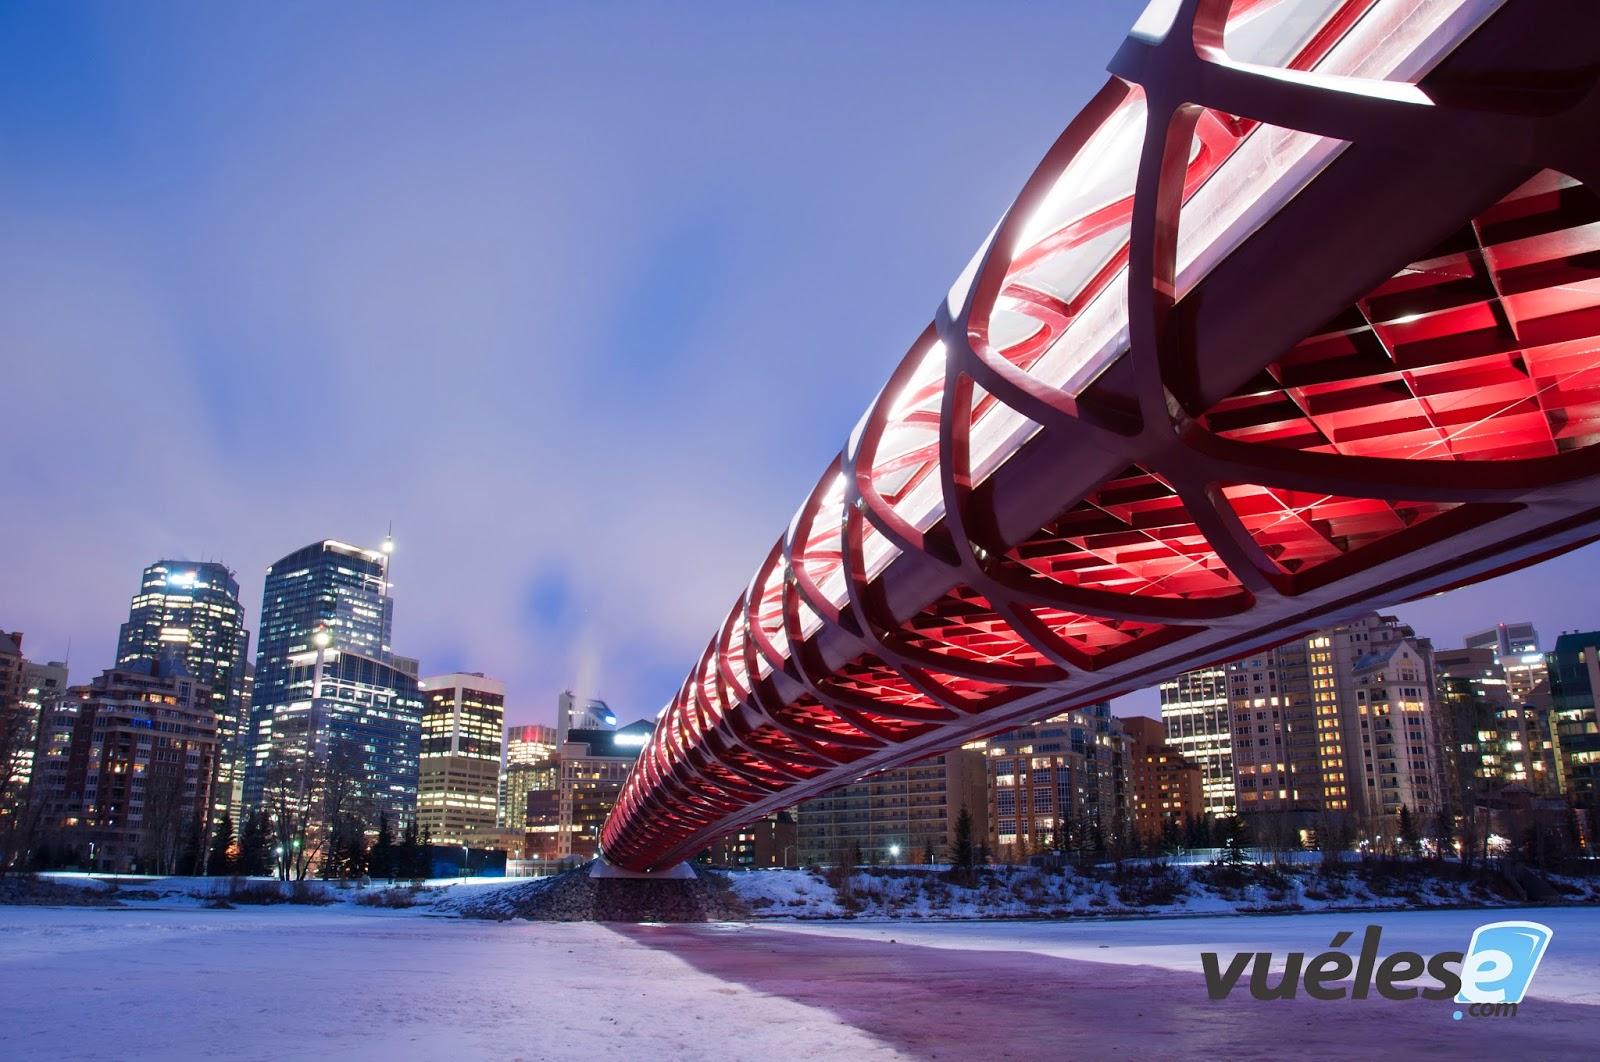 2x1 puente de diciembre: